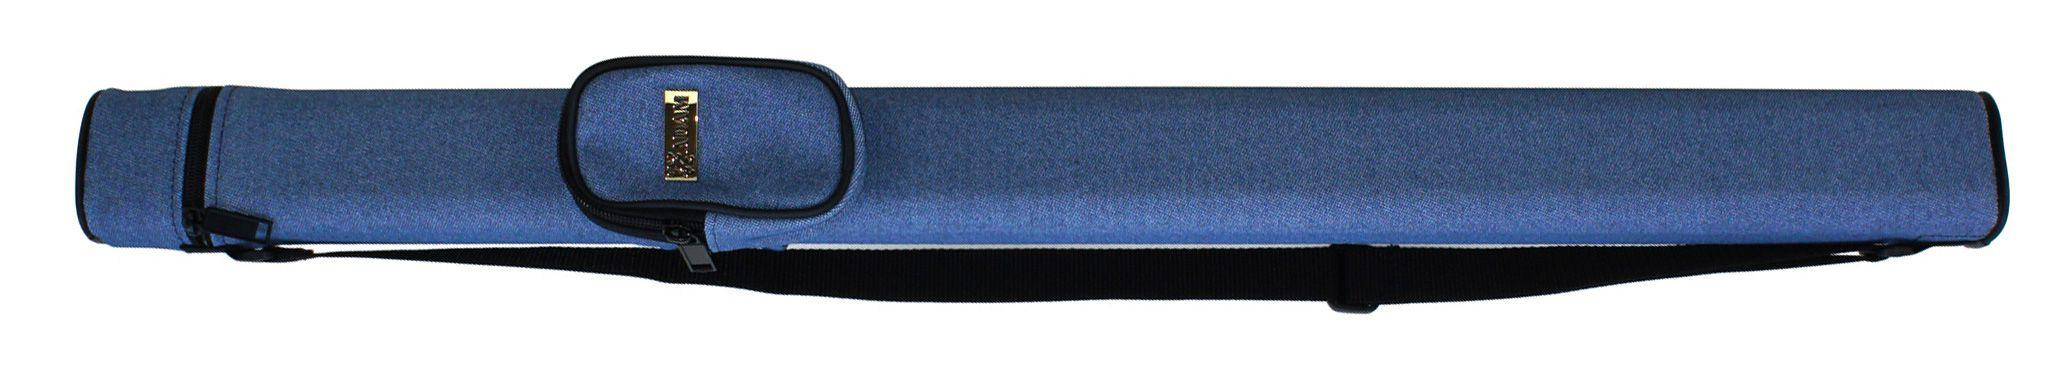 キューケース アダム om-12bj ブルージーンズ (バット1本シャフト2本収納) 商品画像